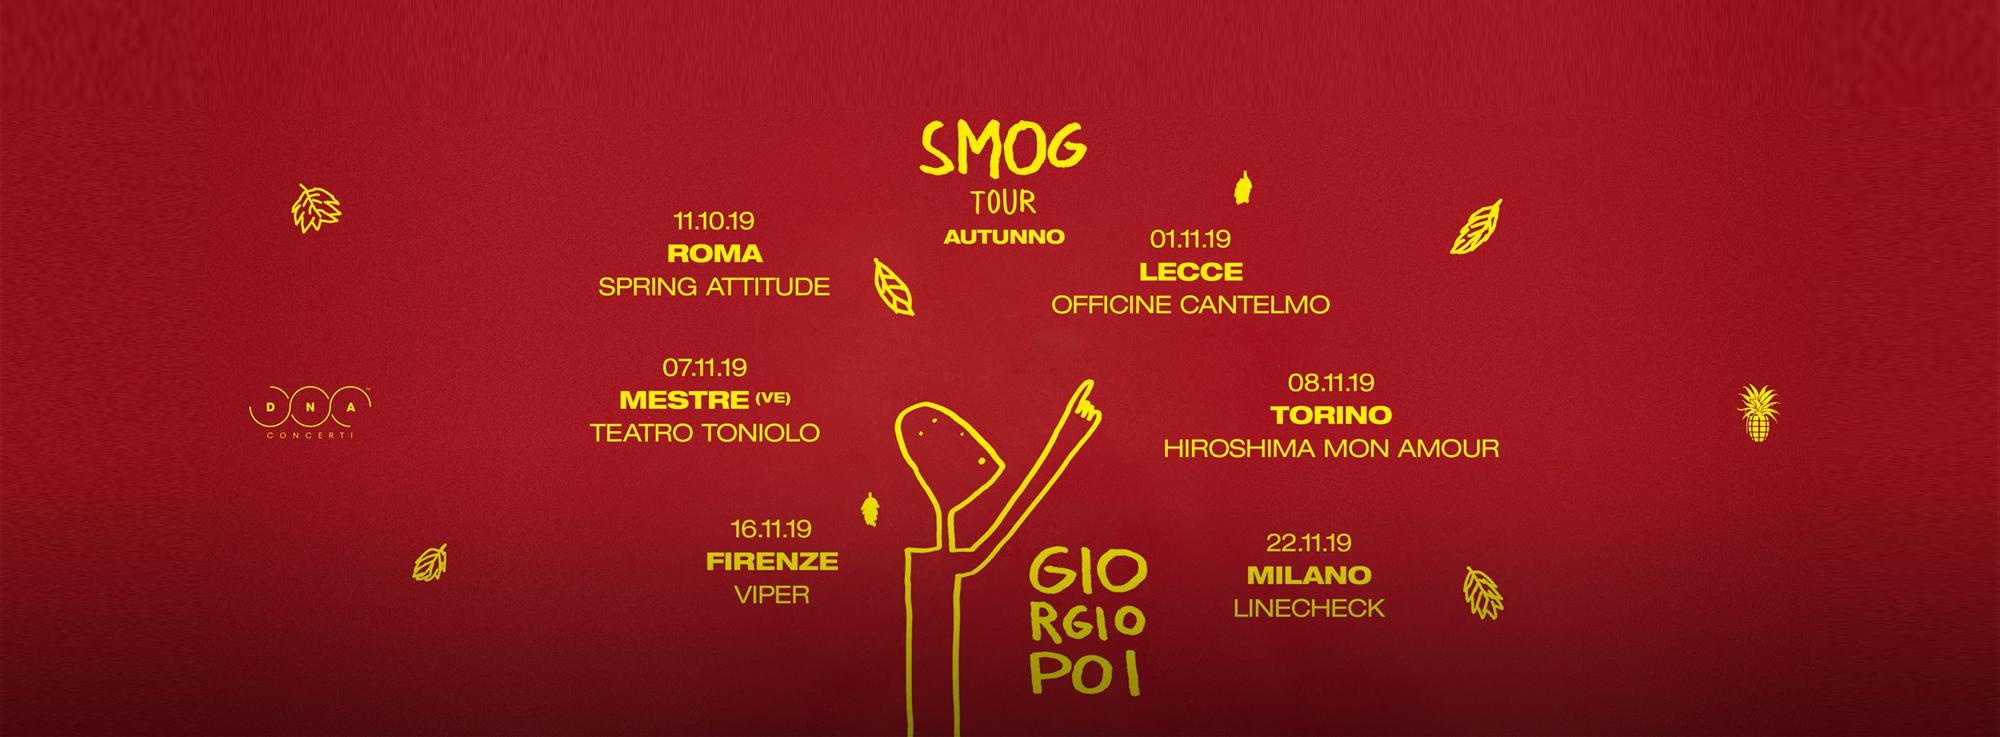 Lecce: Smog Tour - Giorgio Poi